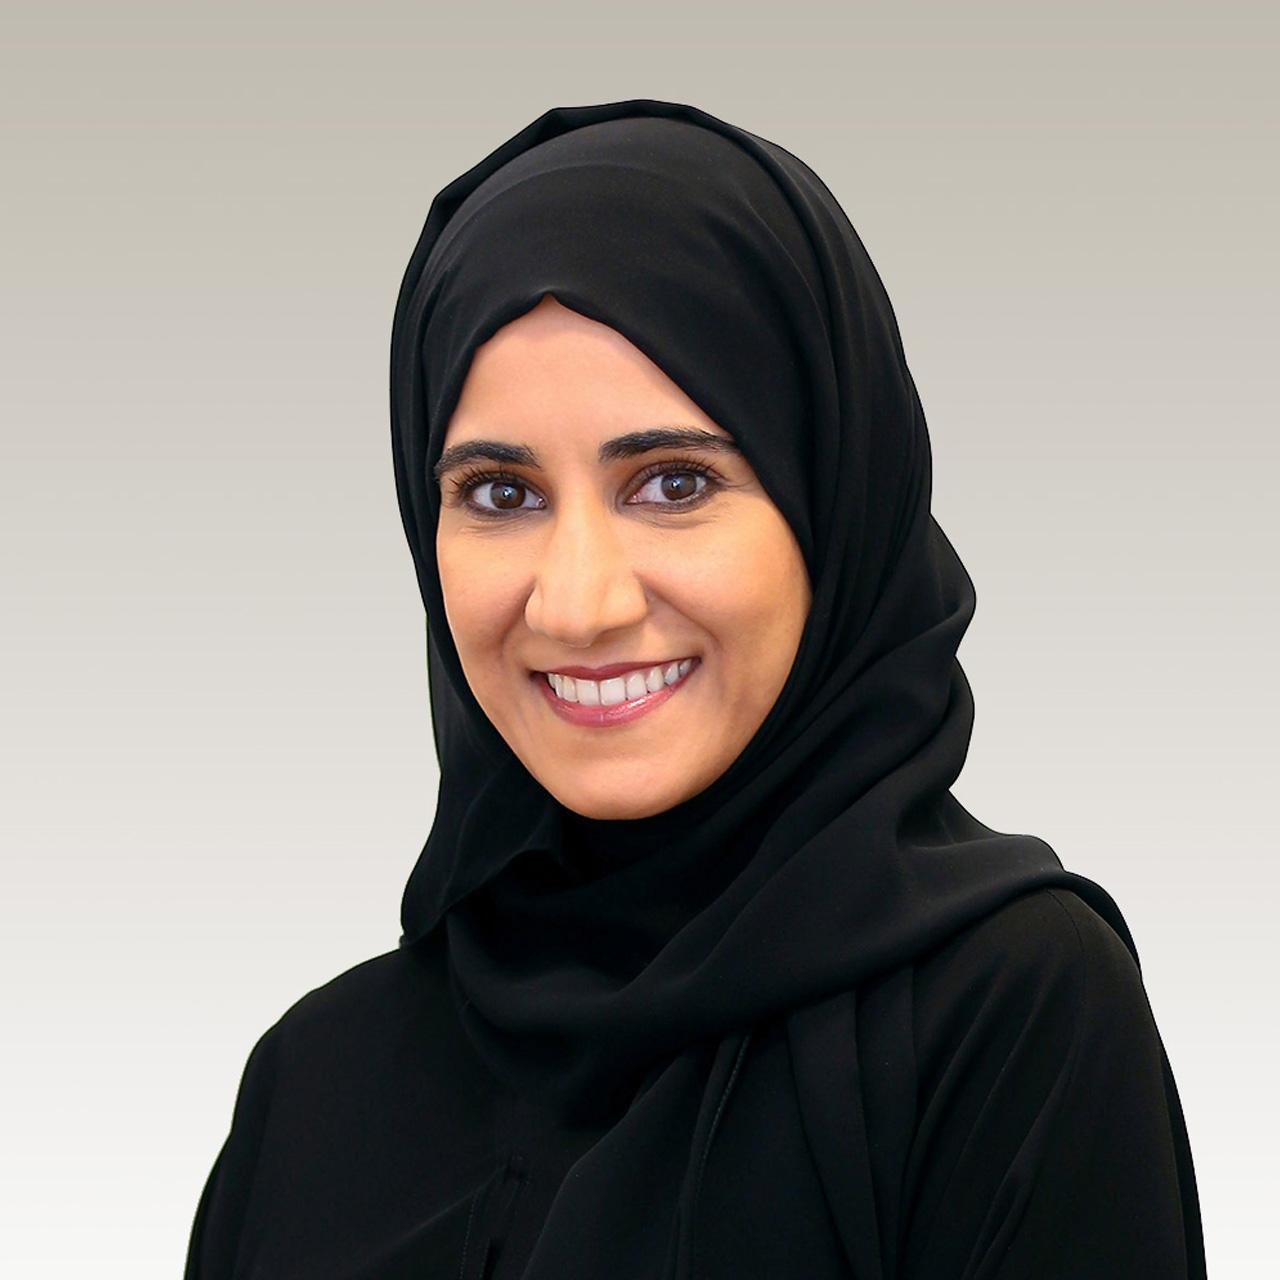 هيفاء العبدالله